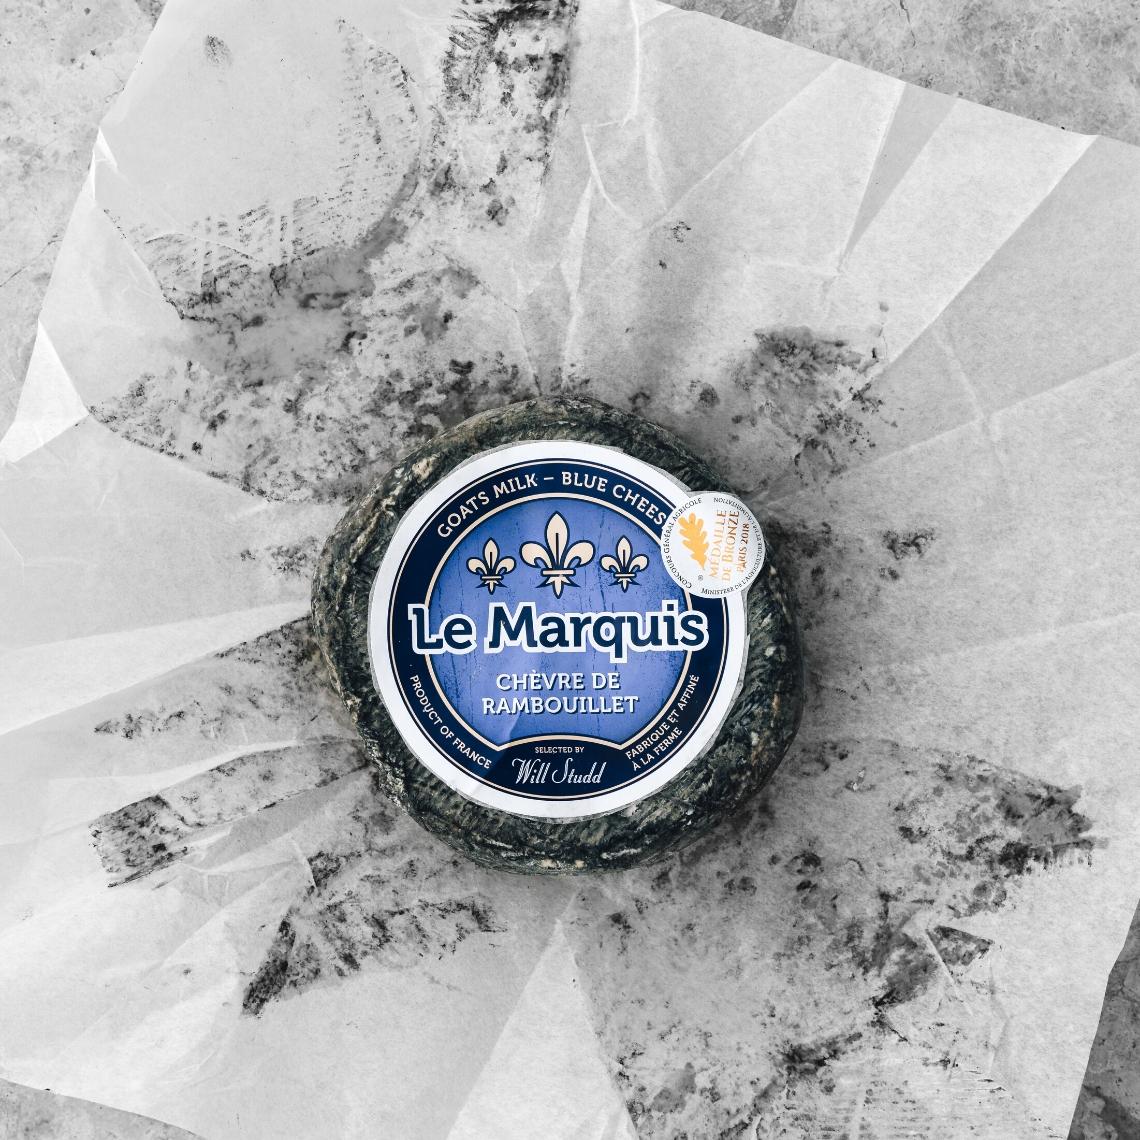 Le Marquis Chèvre de Rambouillet Bleu